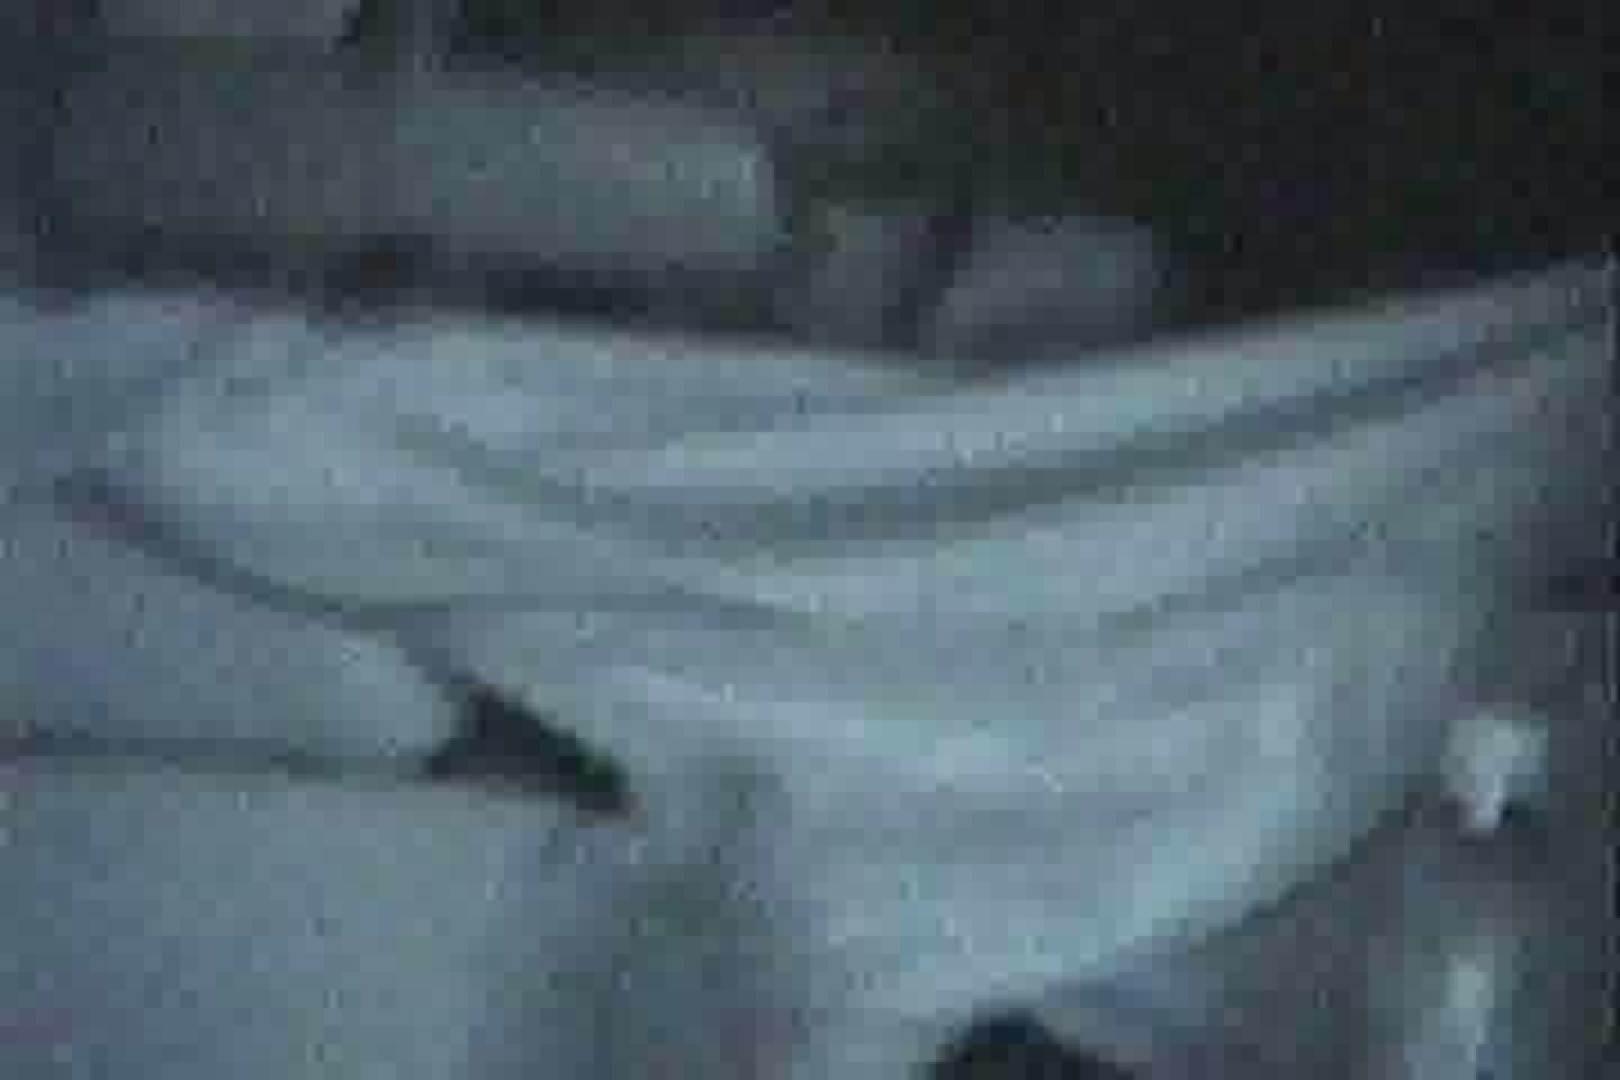 充血監督の深夜の運動会Vol.14 OLセックス 盗撮オマンコ無修正動画無料 103画像 38